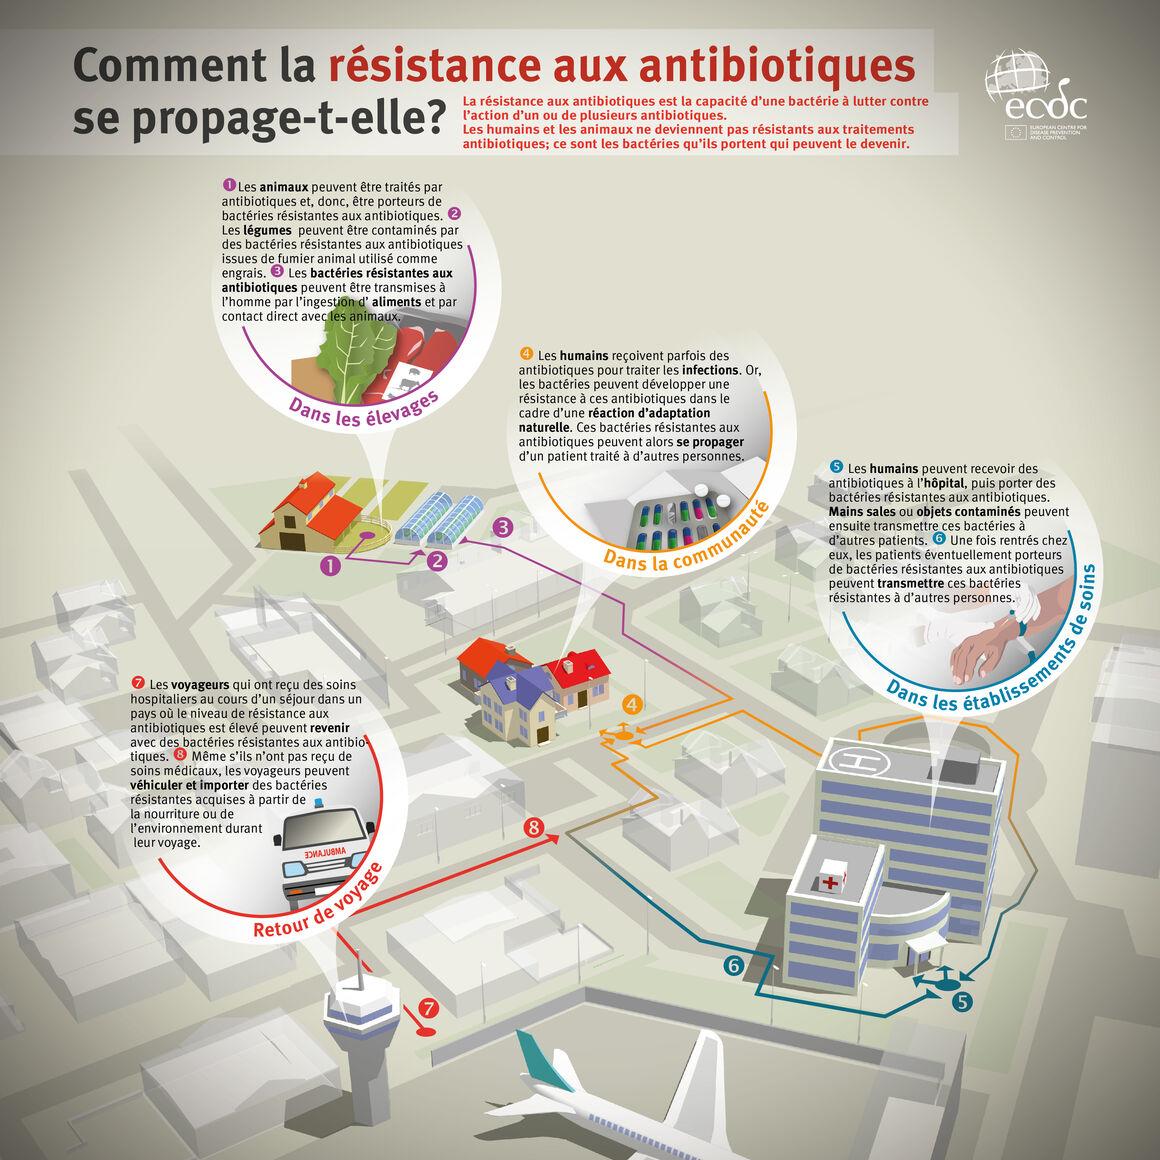 Comment la résistance aux antibiotiques se propage-t-elle?